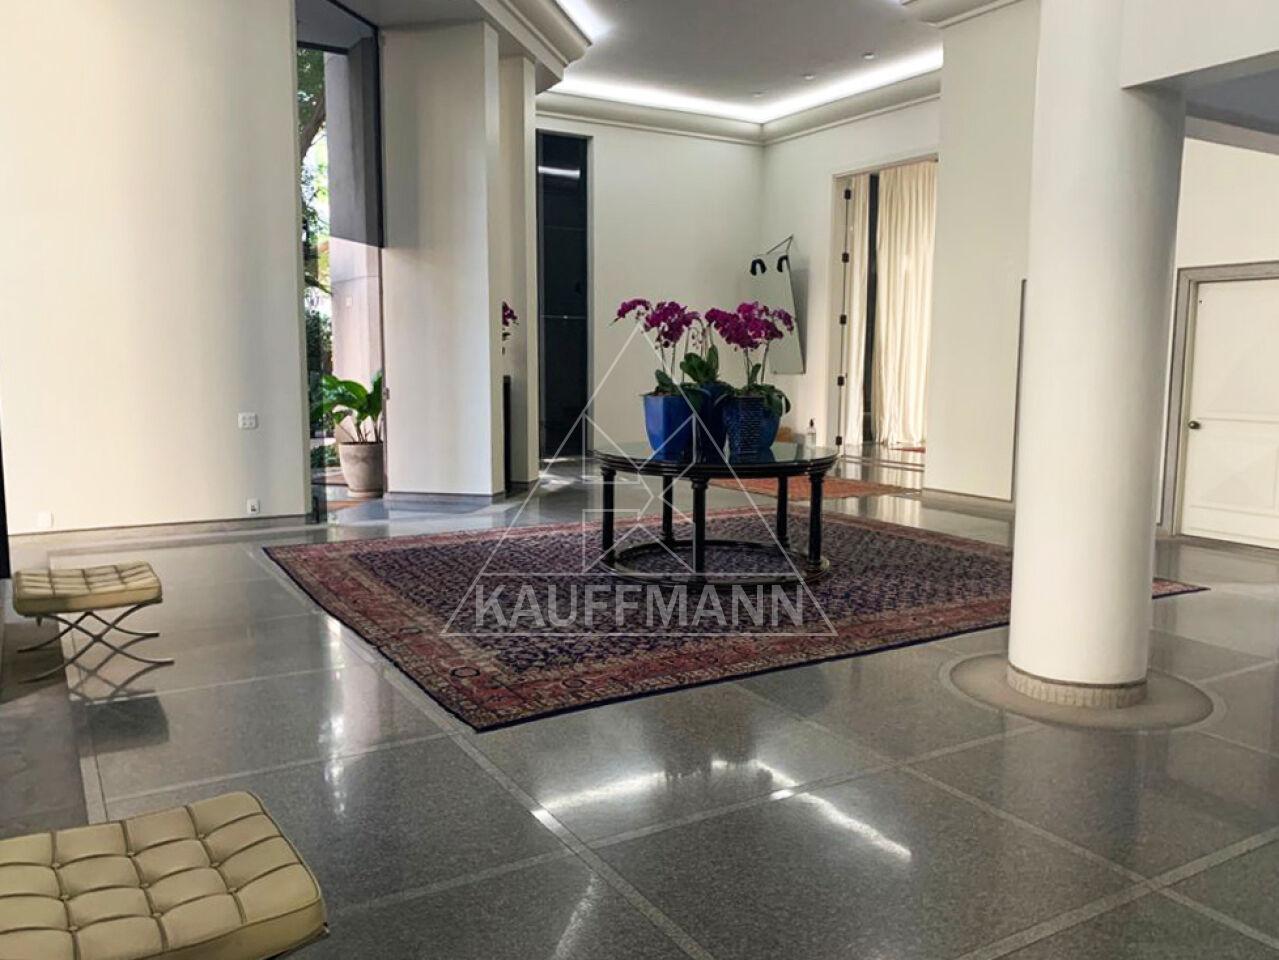 apartamento-venda-sao-paulo-jardim-paulista-regency-5dormitorios-4suites-5vagas-600m2-Foto43